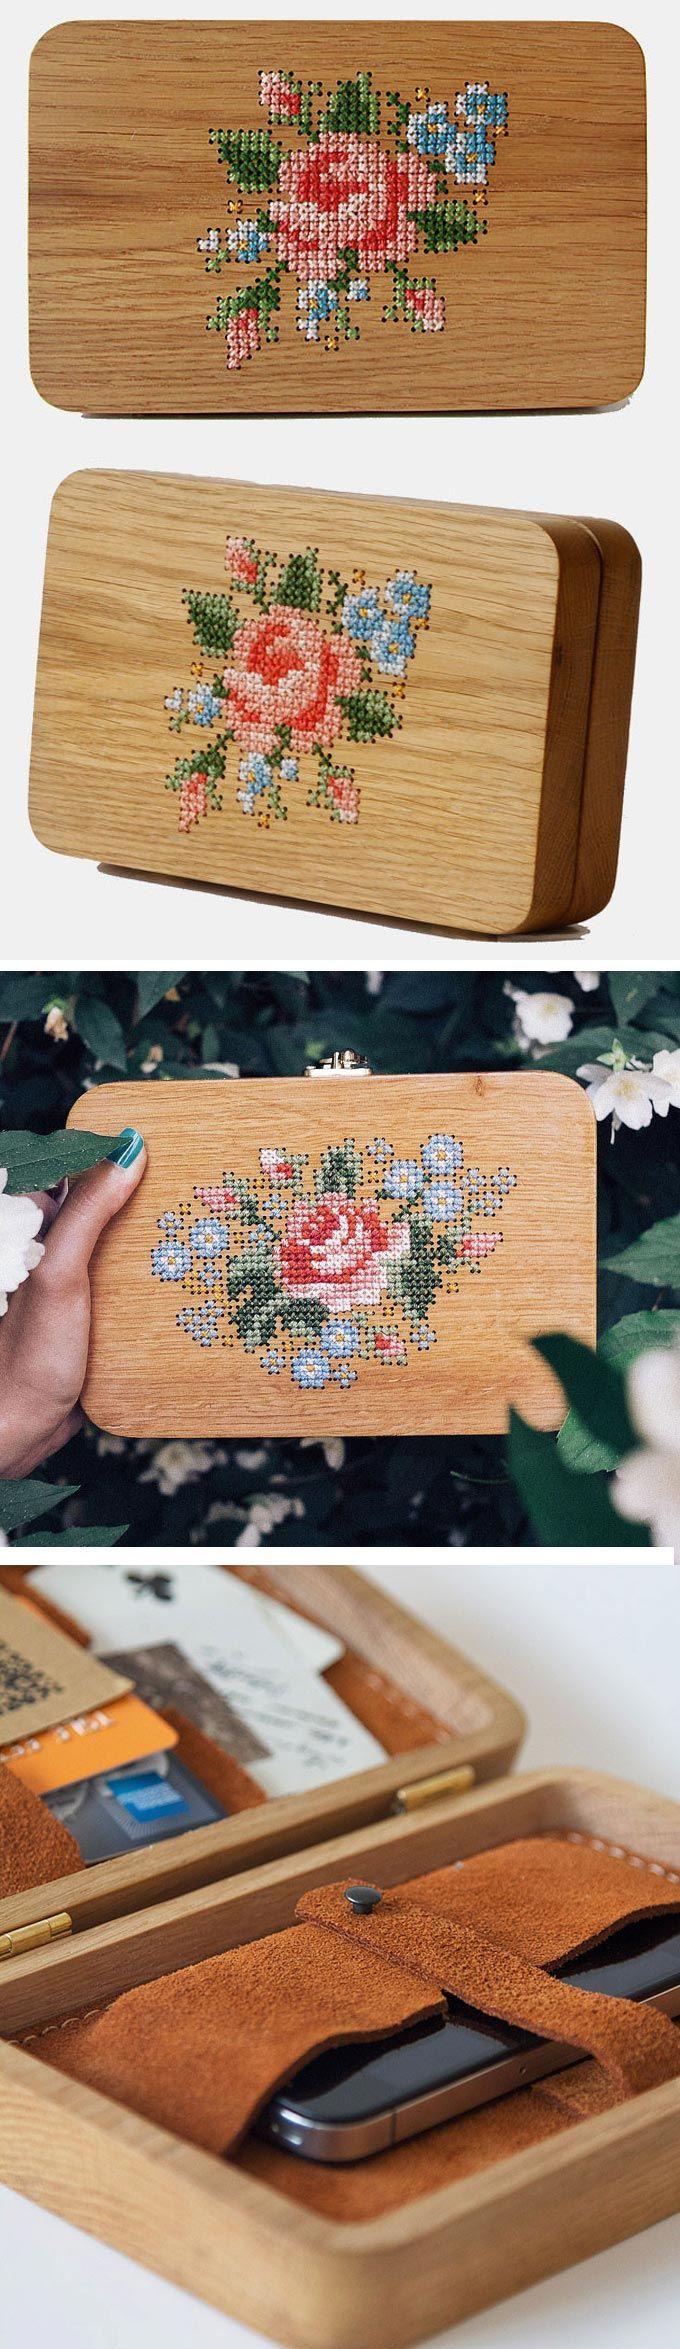 Ponto cruz aplicado em madeira. A caixa revestida com camurça costurada à mão vira bolsa com a alça de corrente. Grav Grav